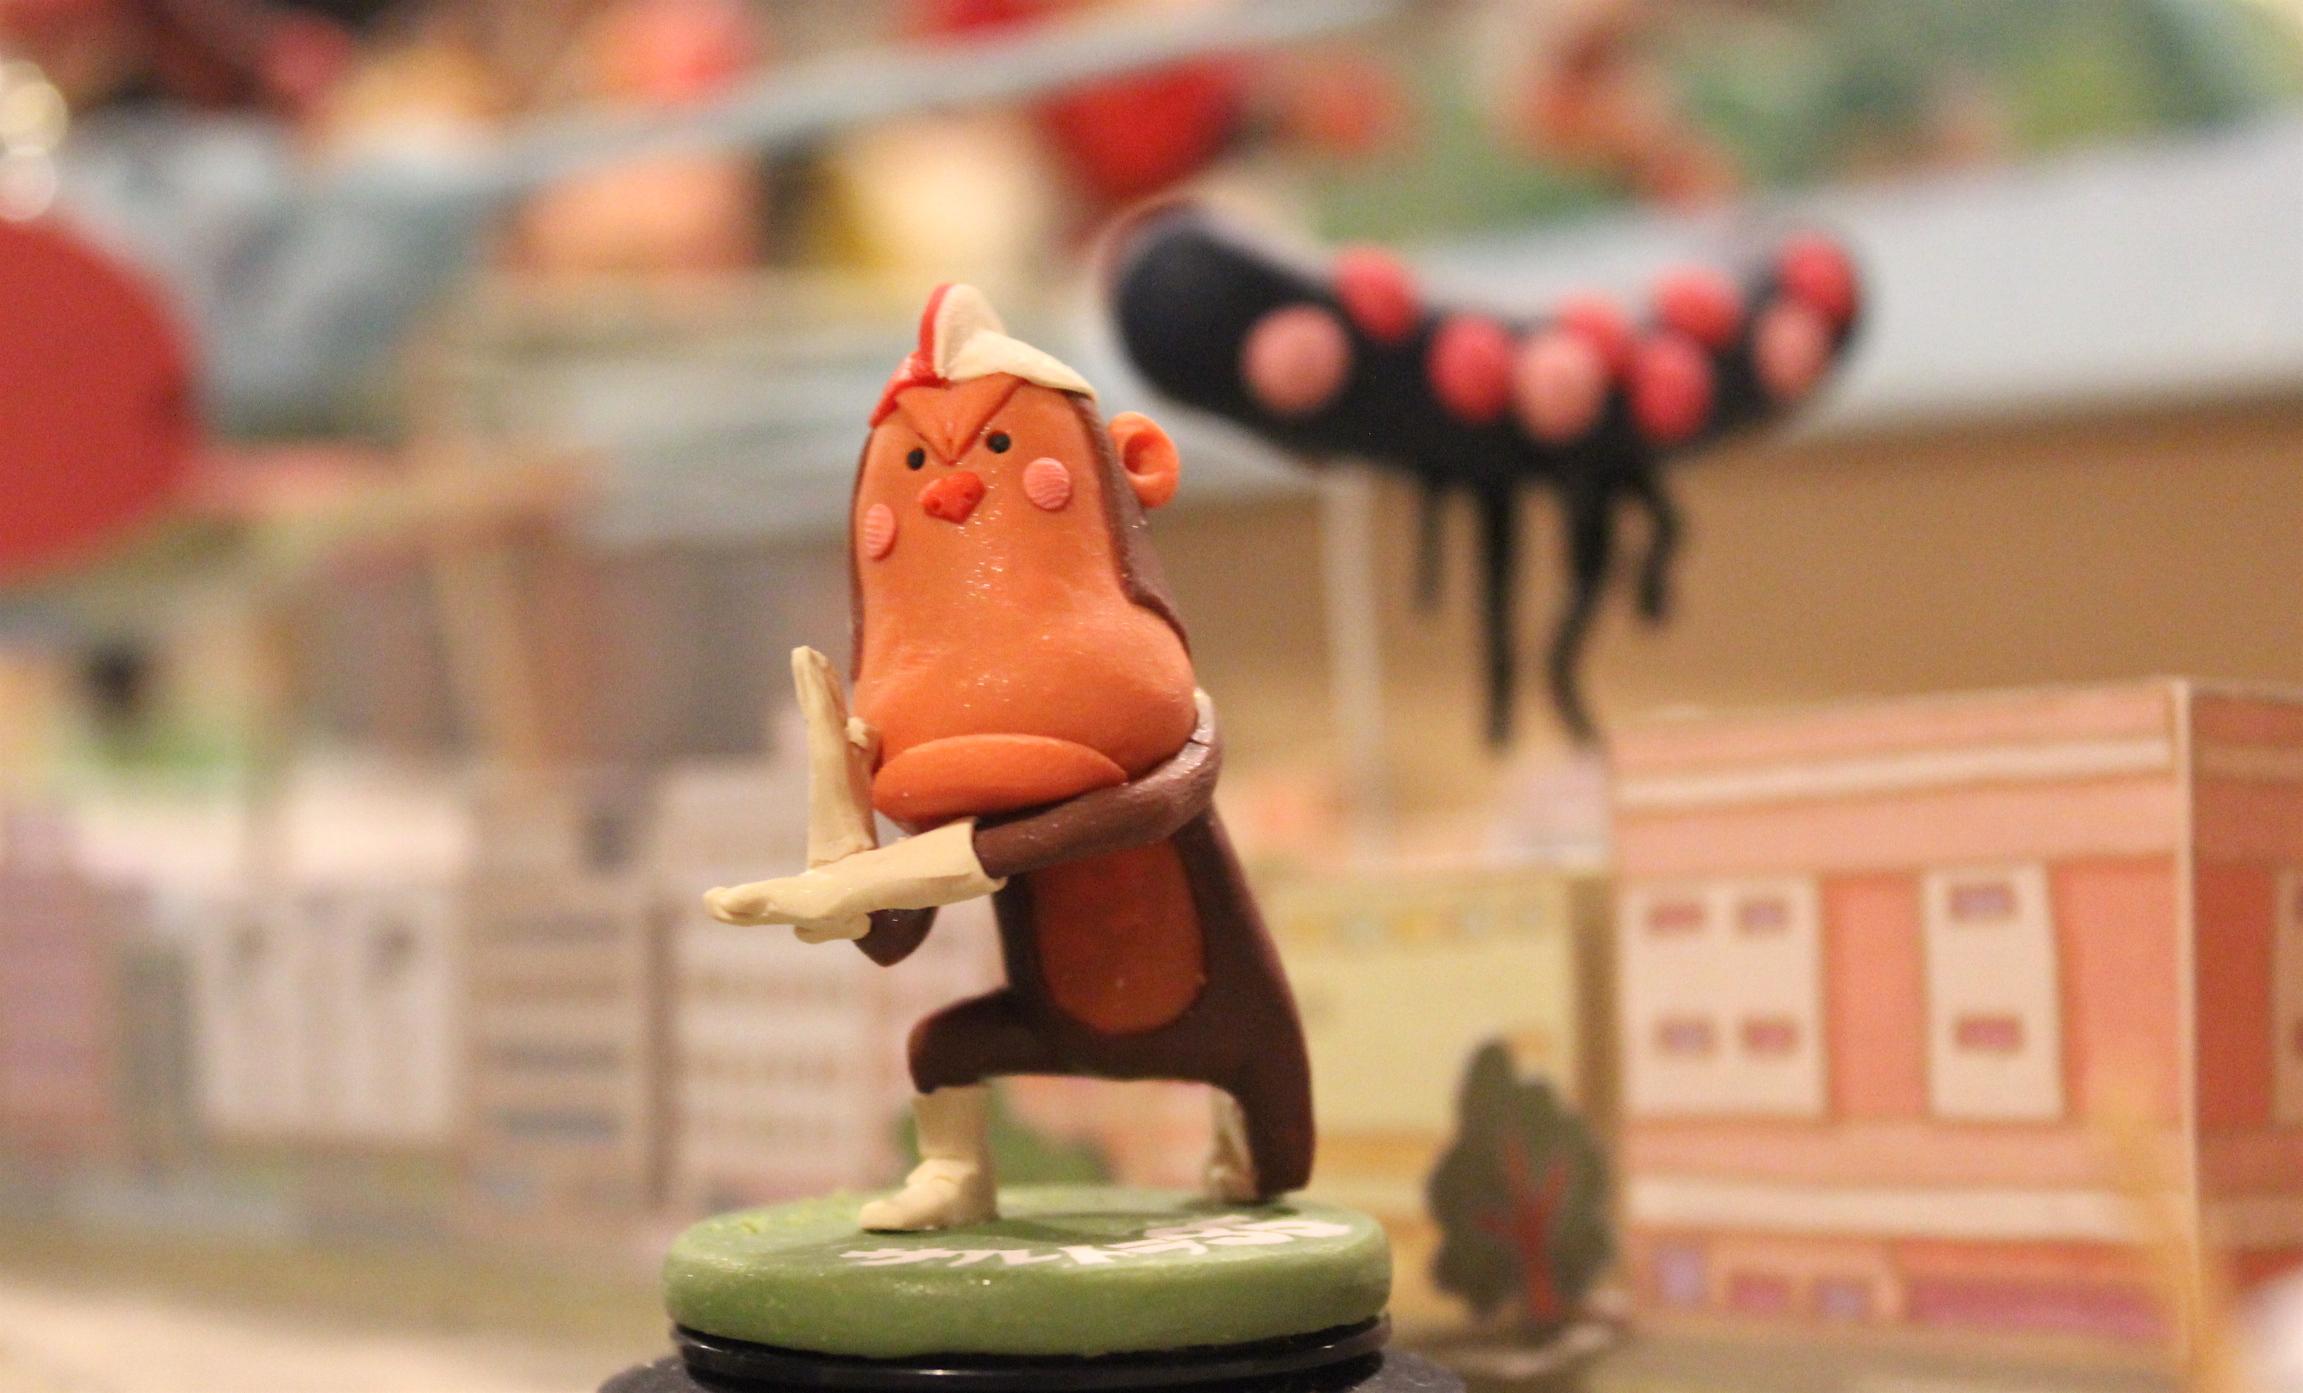 世界に1つ!おサルのヒーロー☆ハンドメイド樹脂粘土人形